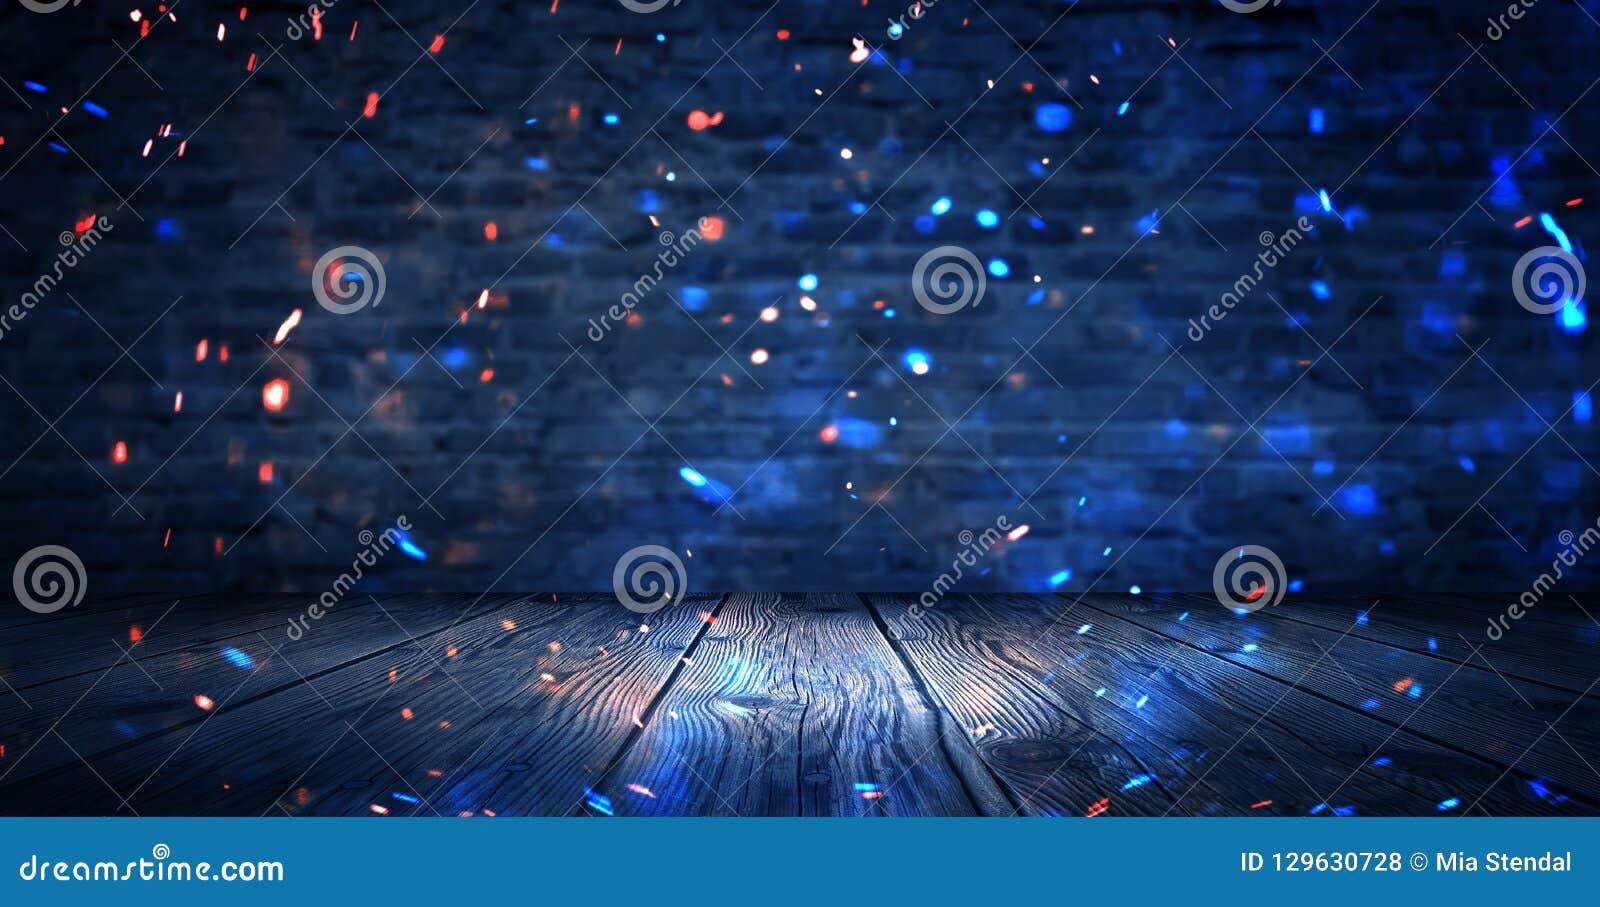 Ciemny suterenowy pokój, pusta stara ściana z cegieł, iskry ogień i światło na drewnianej podłodze i ścianach Ciemny tło z dymem